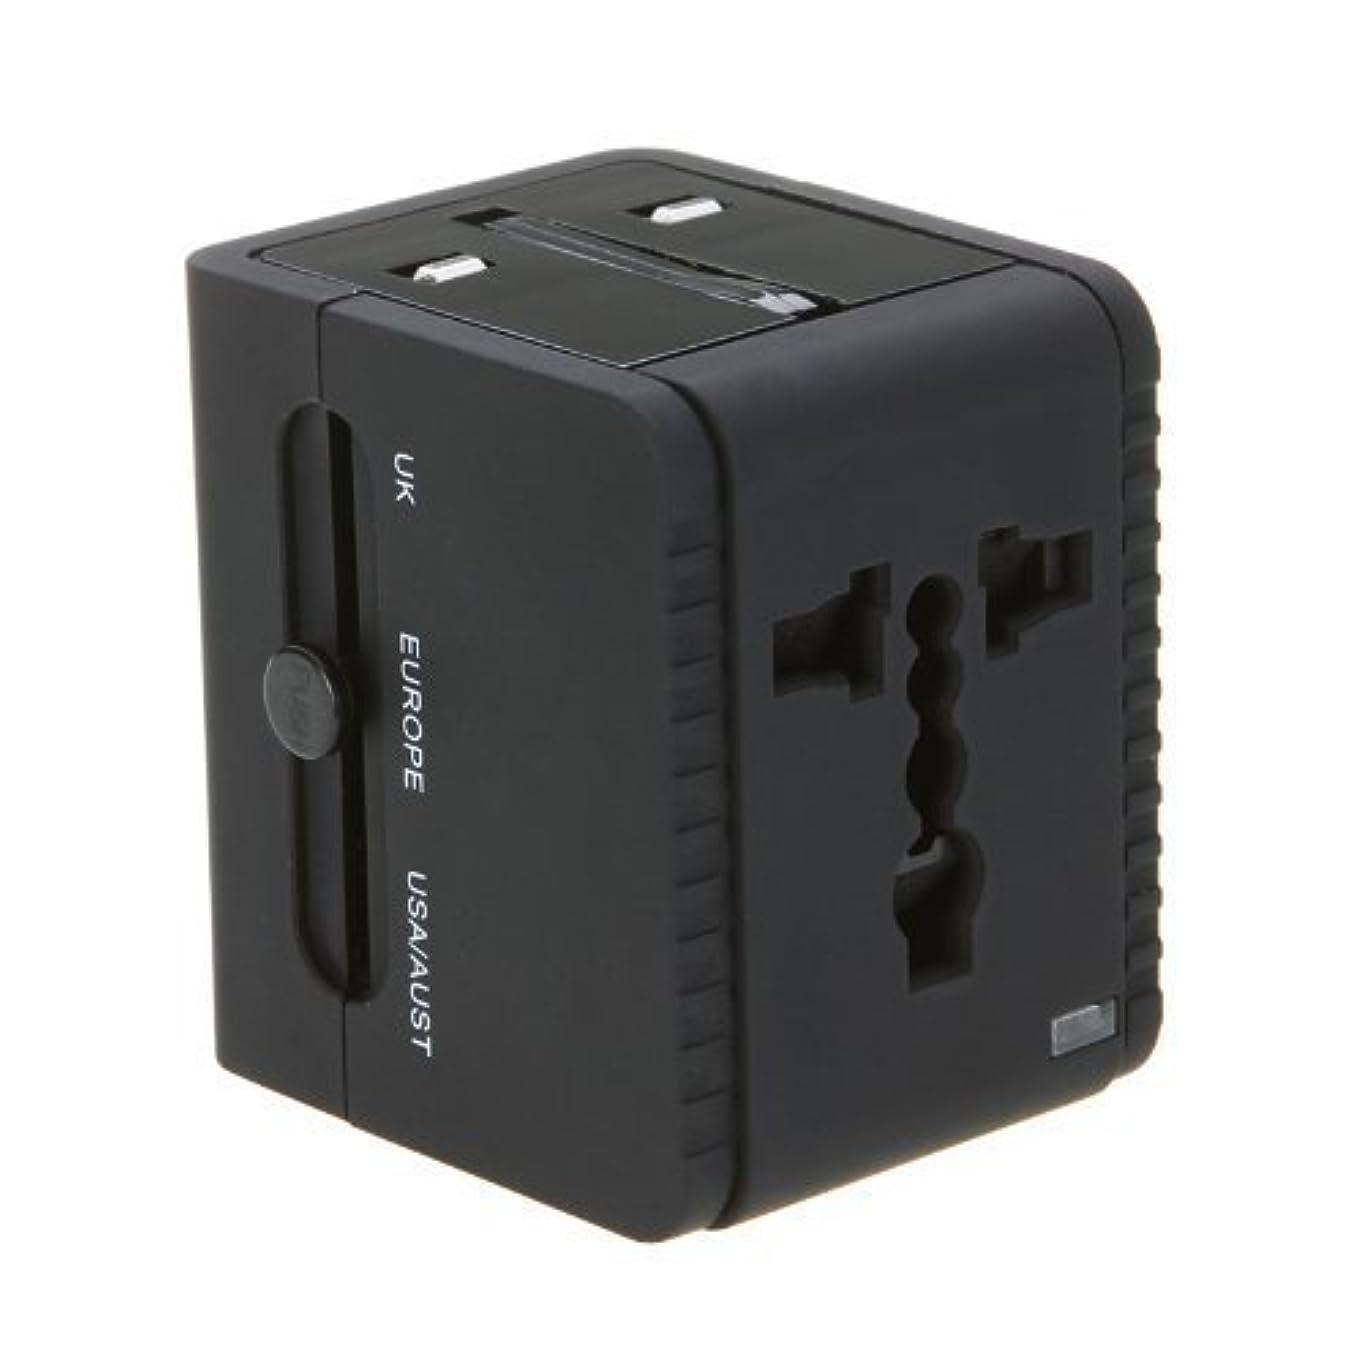 アプトフラスコノベルティSODIAL(R) 2 USBアダプター米国、EU、英国AU100V-240V 2.1A付きユニバーサル充電器用 旅行用 黒